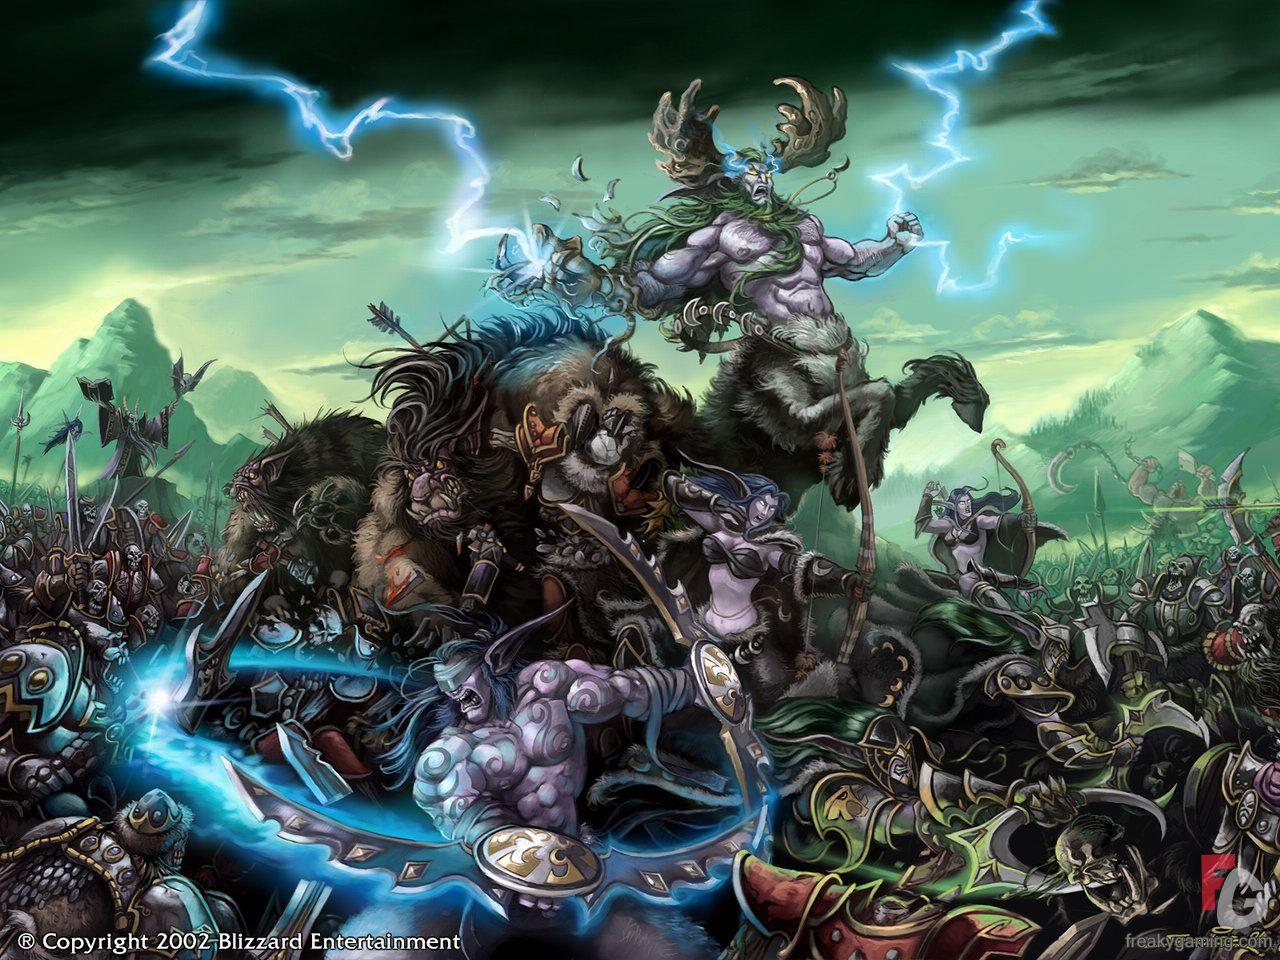 http://2.bp.blogspot.com/_7qXwFnI_9Hg/TAR6uOP76gI/AAAAAAAAAxQ/n9EuQLBQt6E/s1600/night_elf_vs_undead.jpg